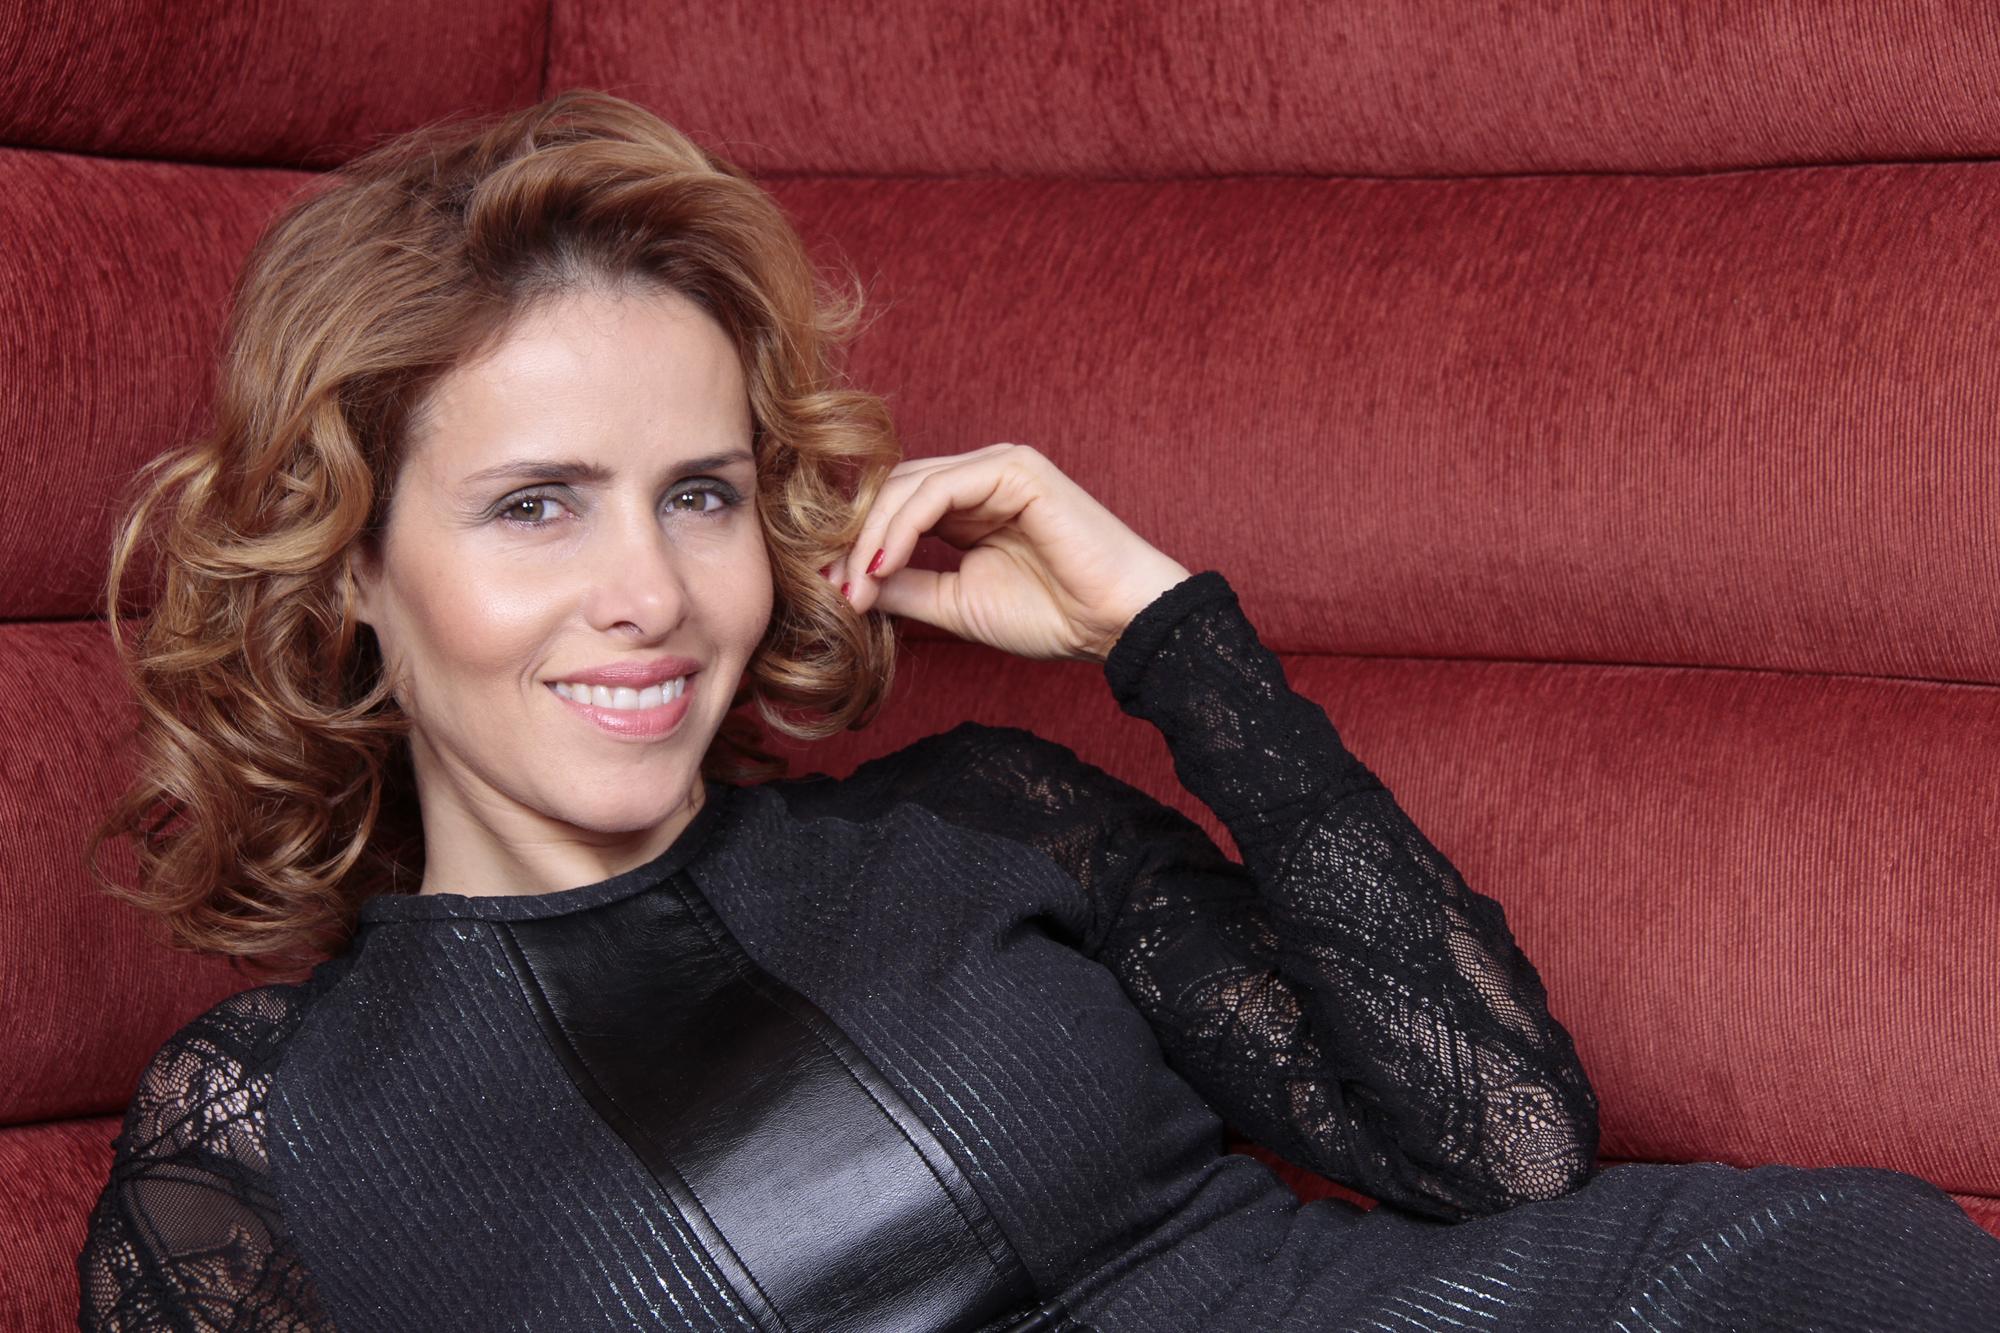 """Leona Cavalli, a Zarolha da novela """"Gabriela"""", acaba de assinar contrato para ser capa e recheio da """"Playboy"""""""